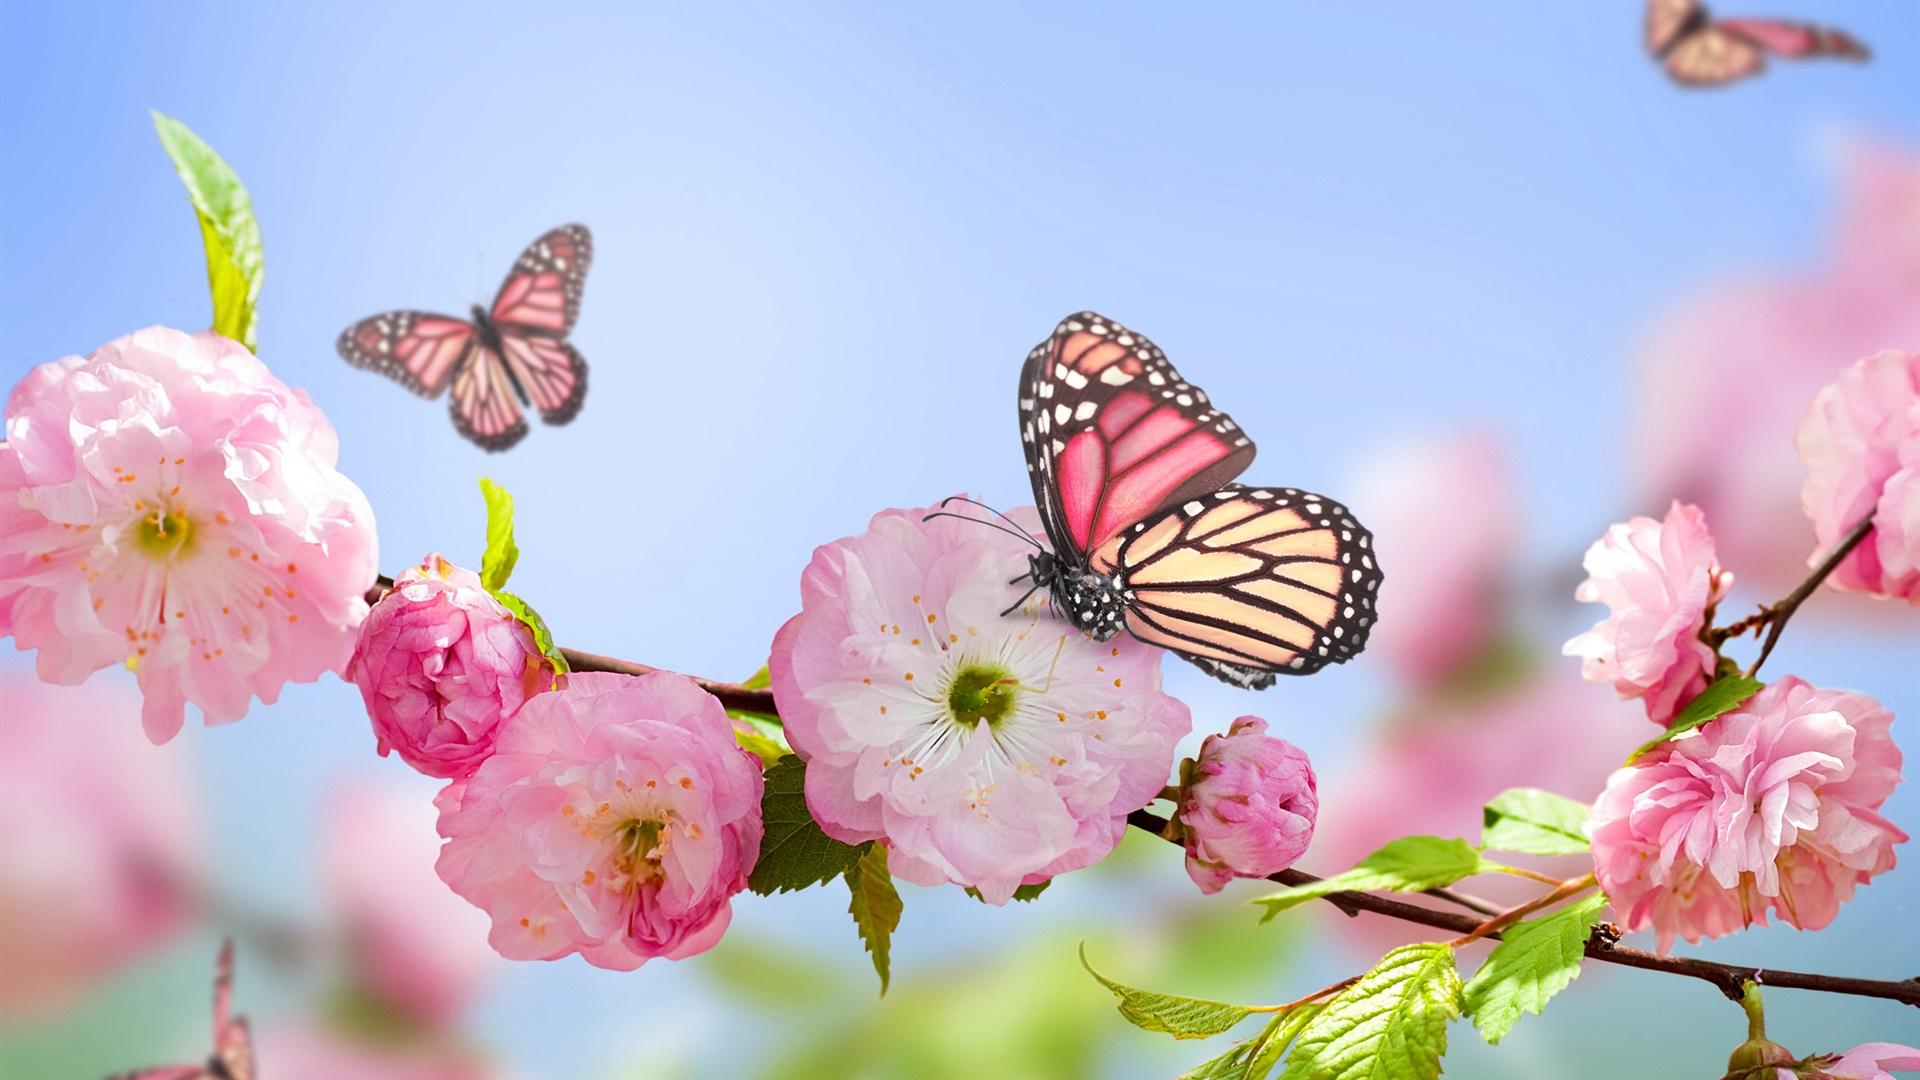 roses, papillons, ciel bleu fonds d'écran x fonds d'écran